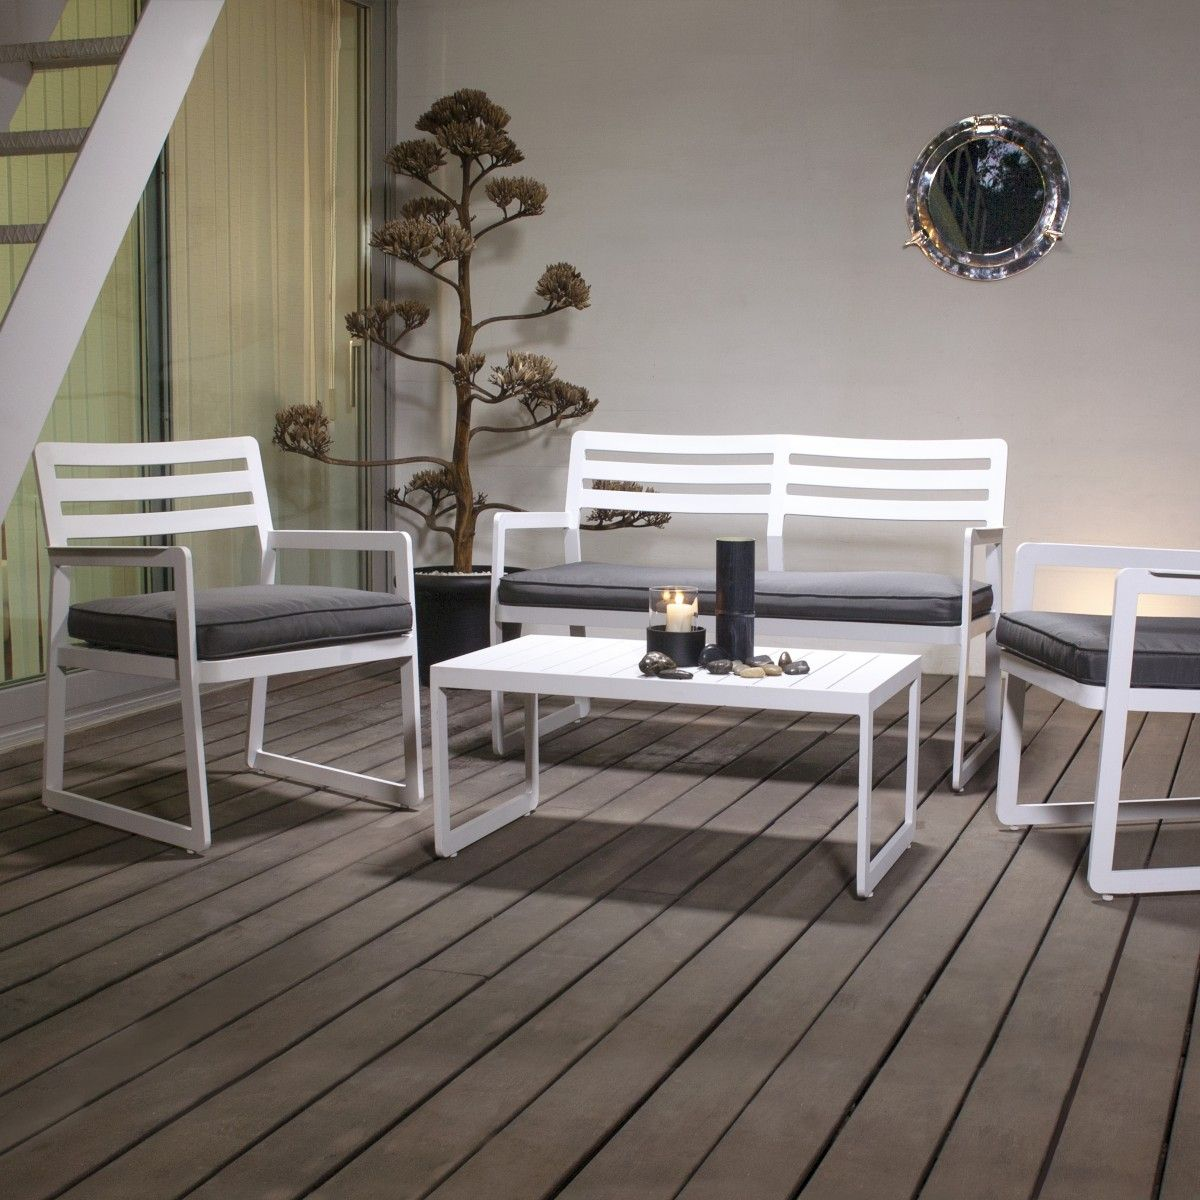 ideas para decorar y amueblar el jardín #terrazas #jardin #exteriores #mobiliario #decoracion #diseño #interiorismo en Decorabien.com inspírate y encuentra un hogar para tu hogar